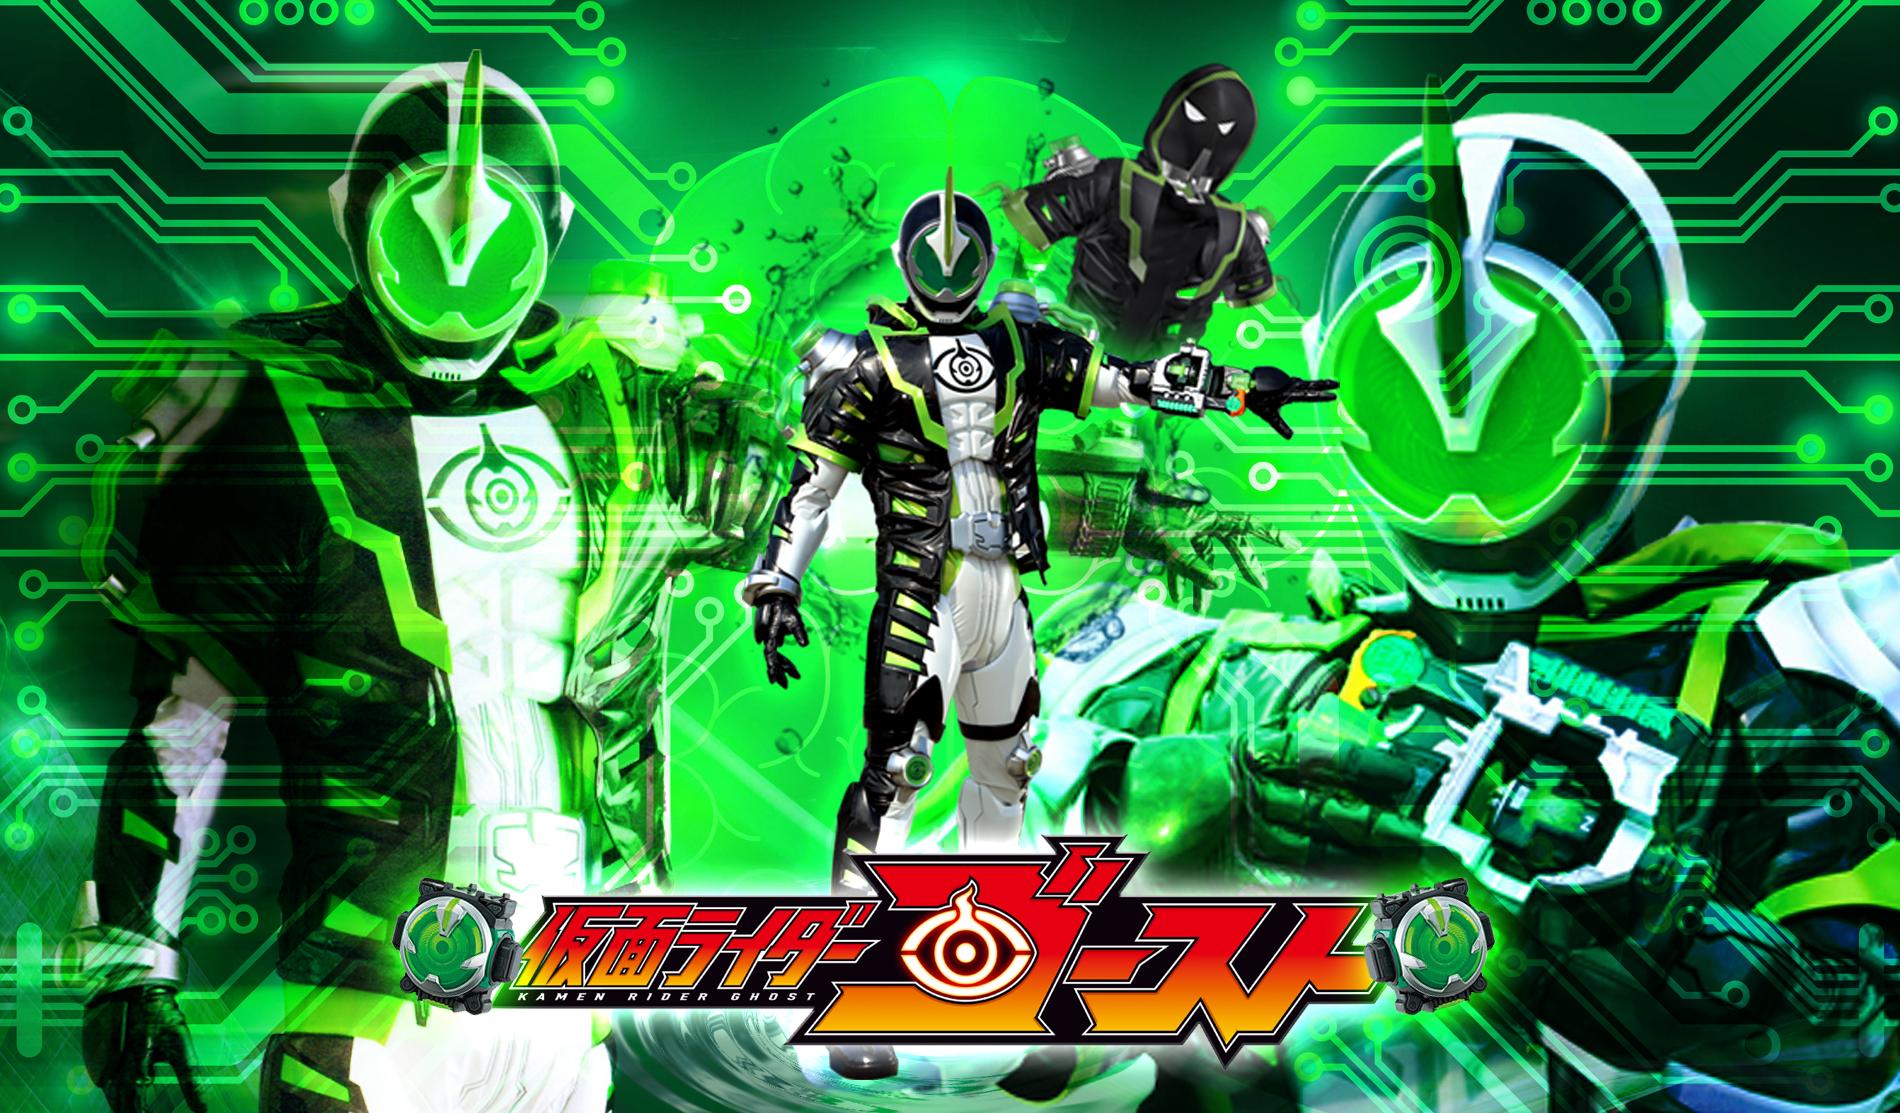 Kamen Rider Necrom: Kamen Rider Necrom ( Nekuromu ) Wallpaper By Malecoc On